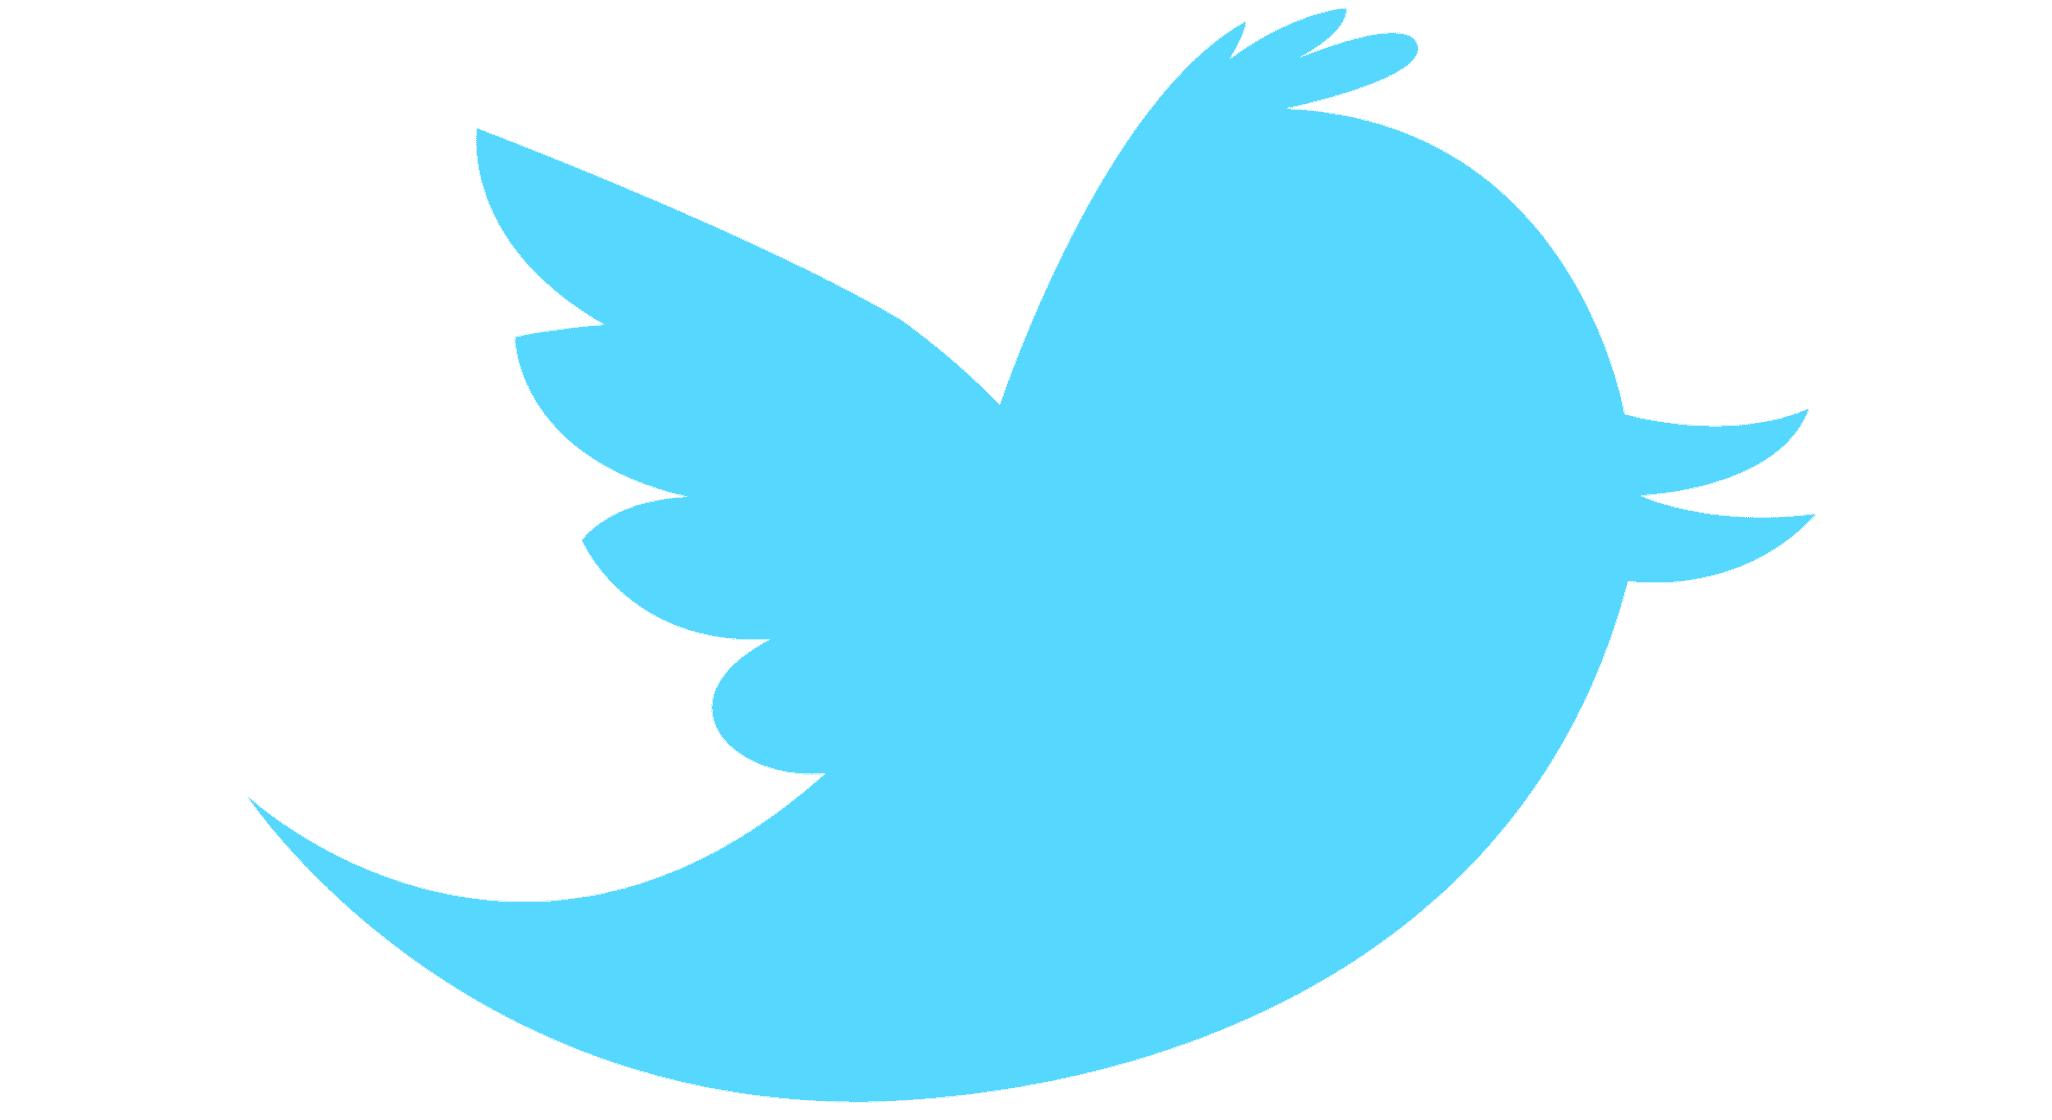 كيفية التسويق الإلكتروني من خلال تويتر